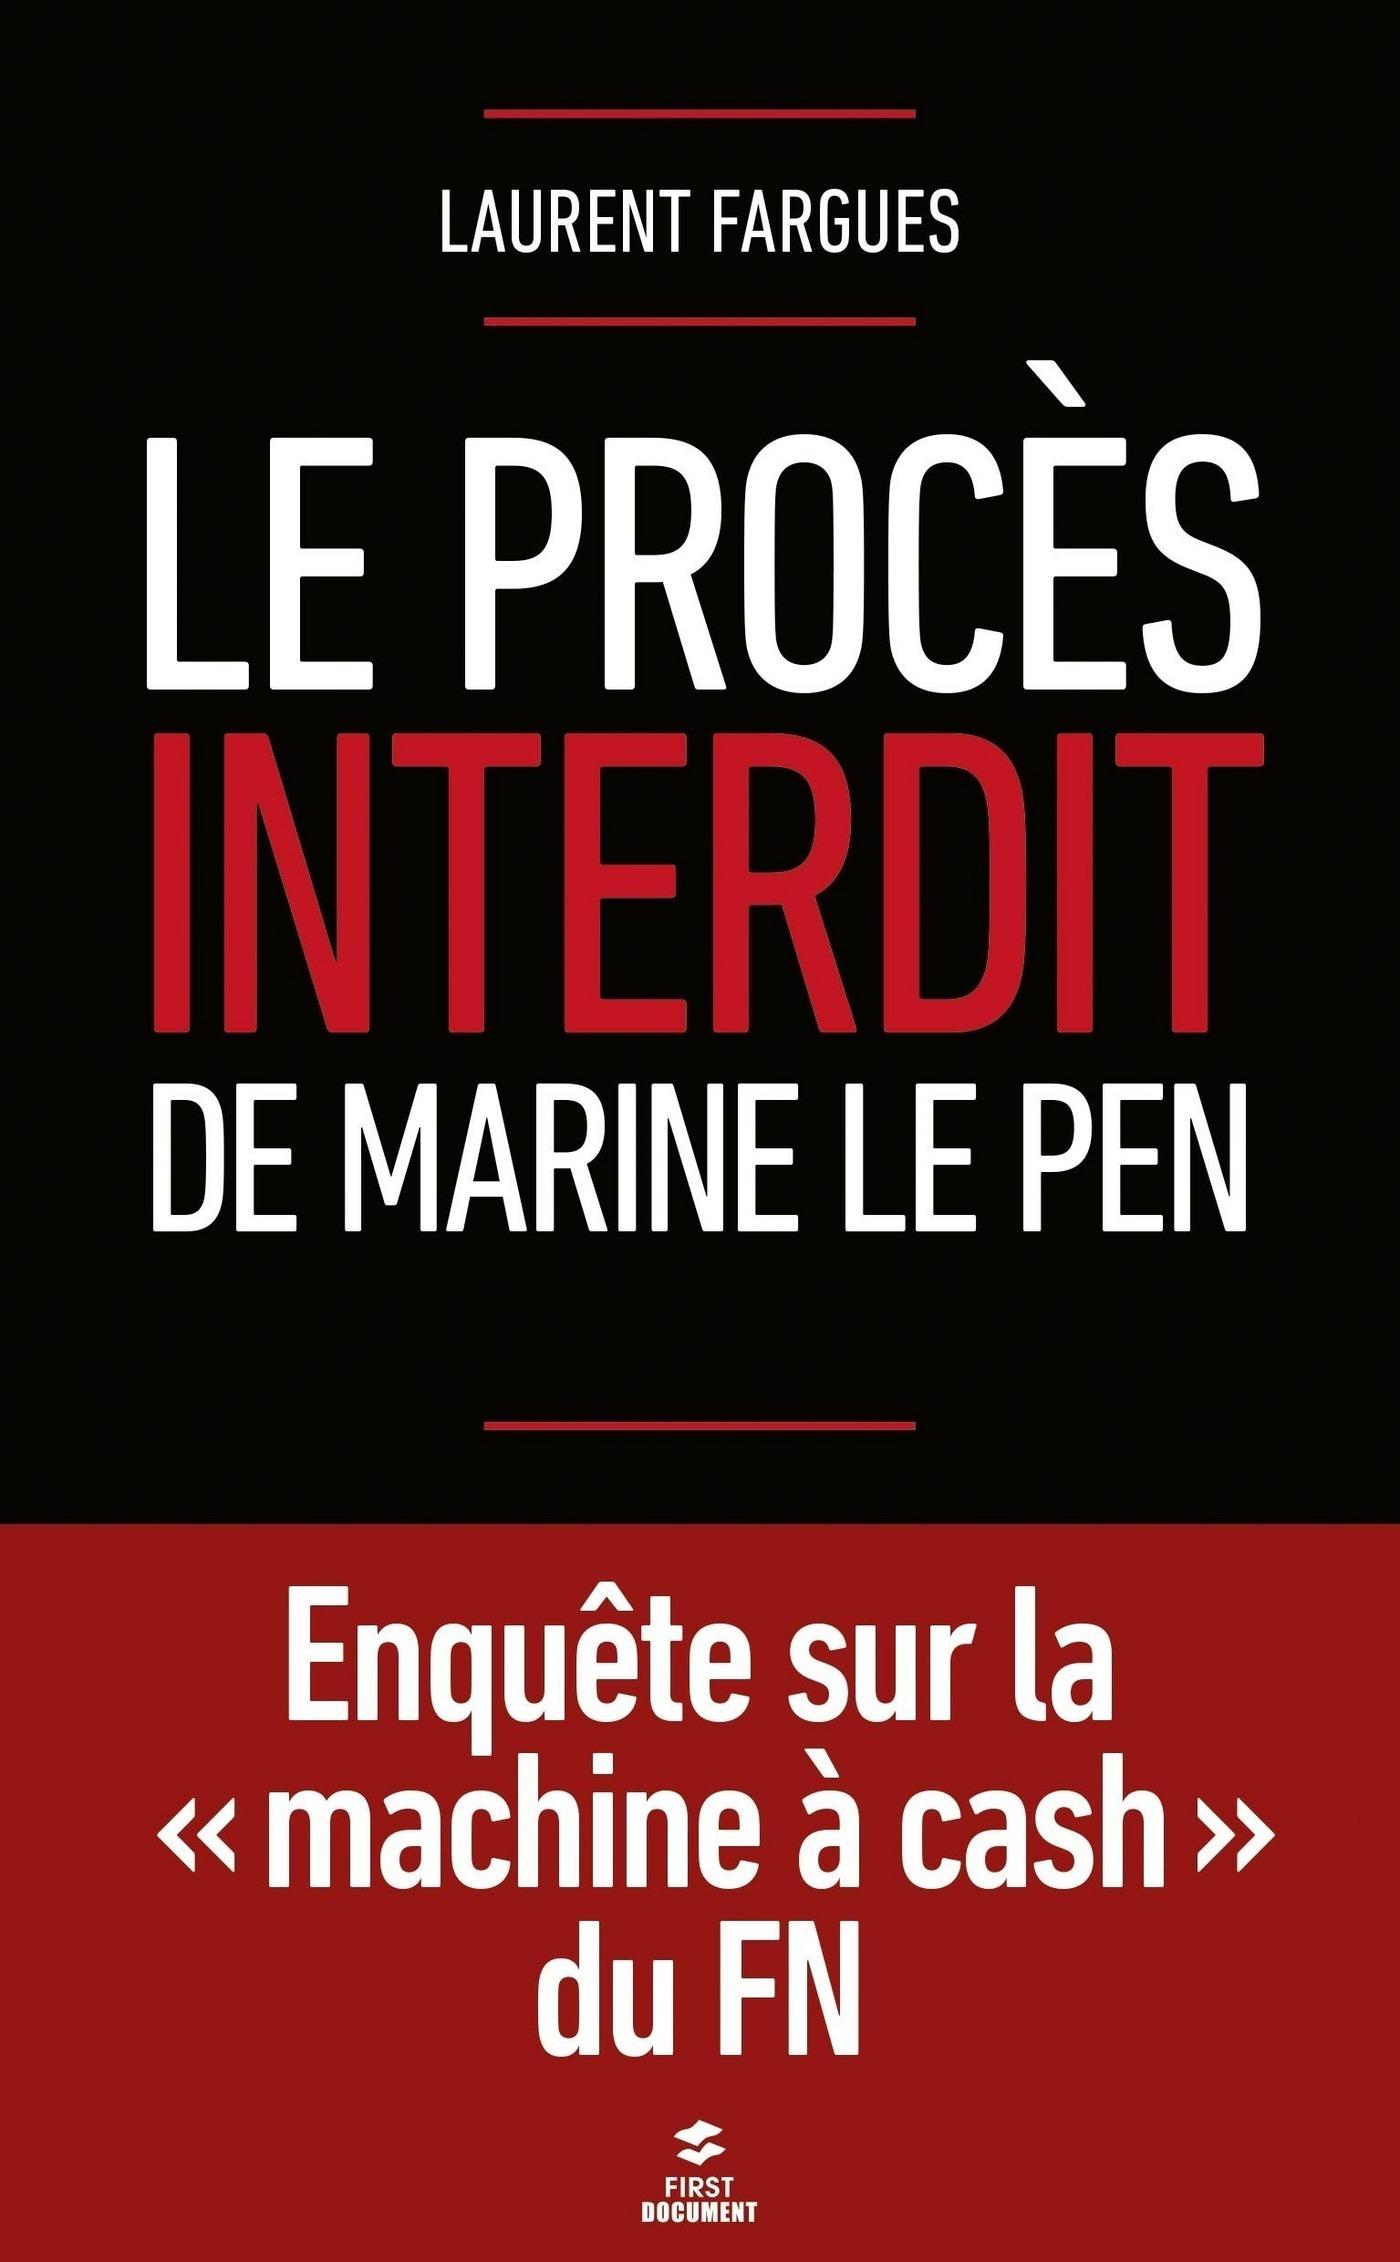 Le procès interdit de Marine Le Pen